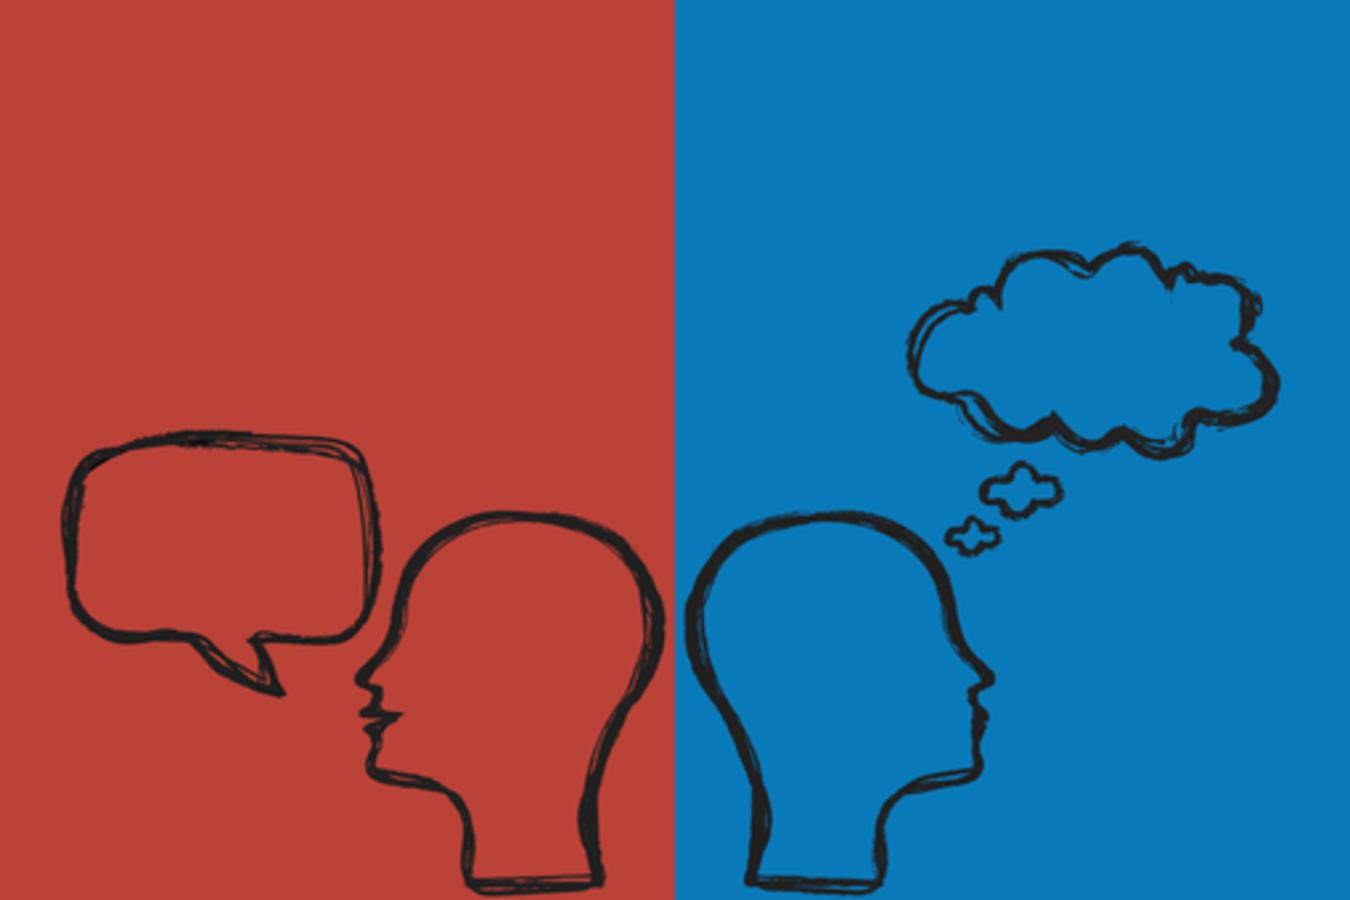 Rencontres introvertis et extravertis